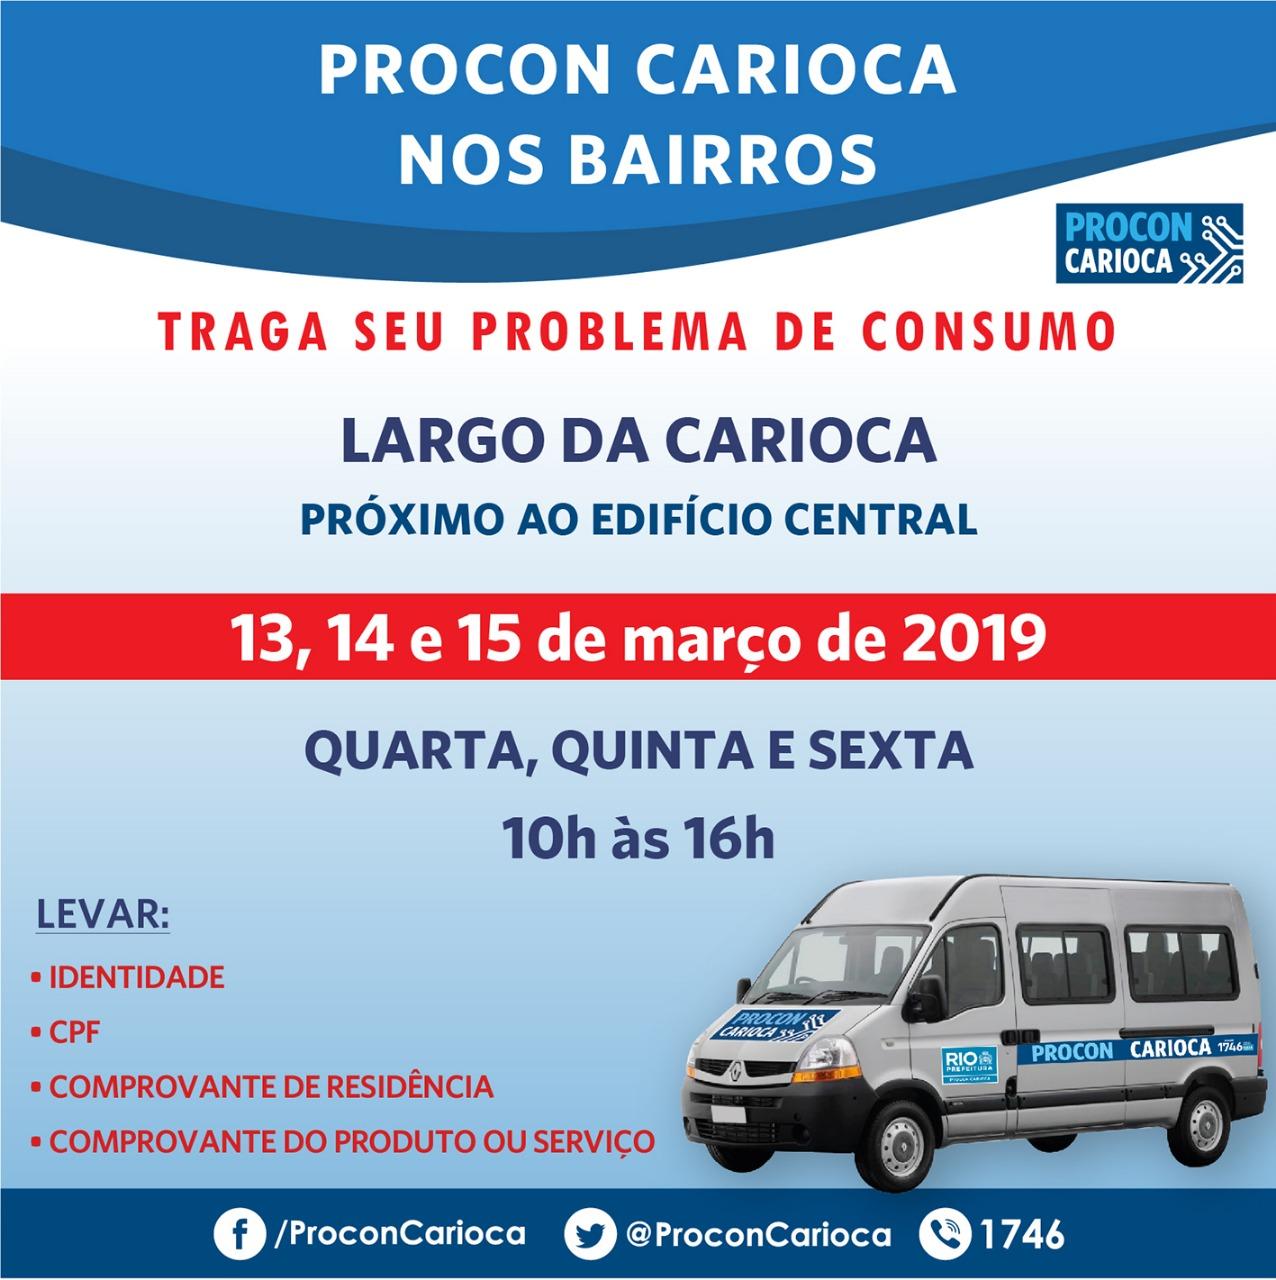 Procon Carioca atende no Largo da Carioca